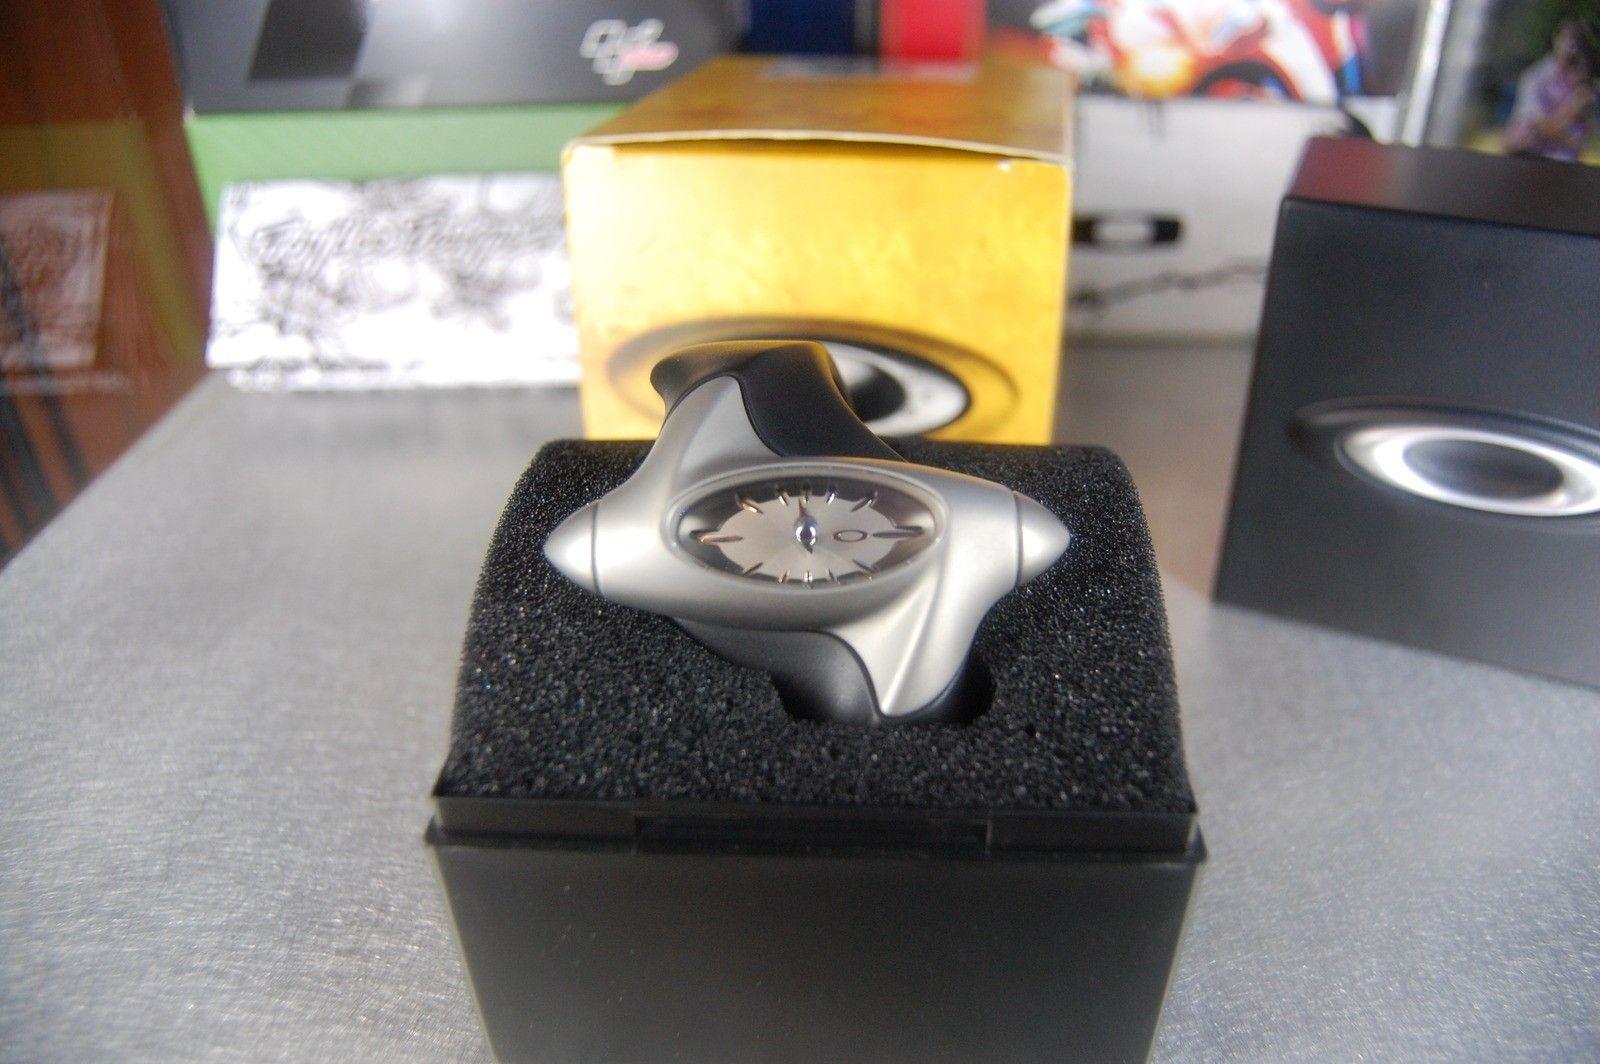 Oakley Torpedo Watch Value? - dsc10044.jpg